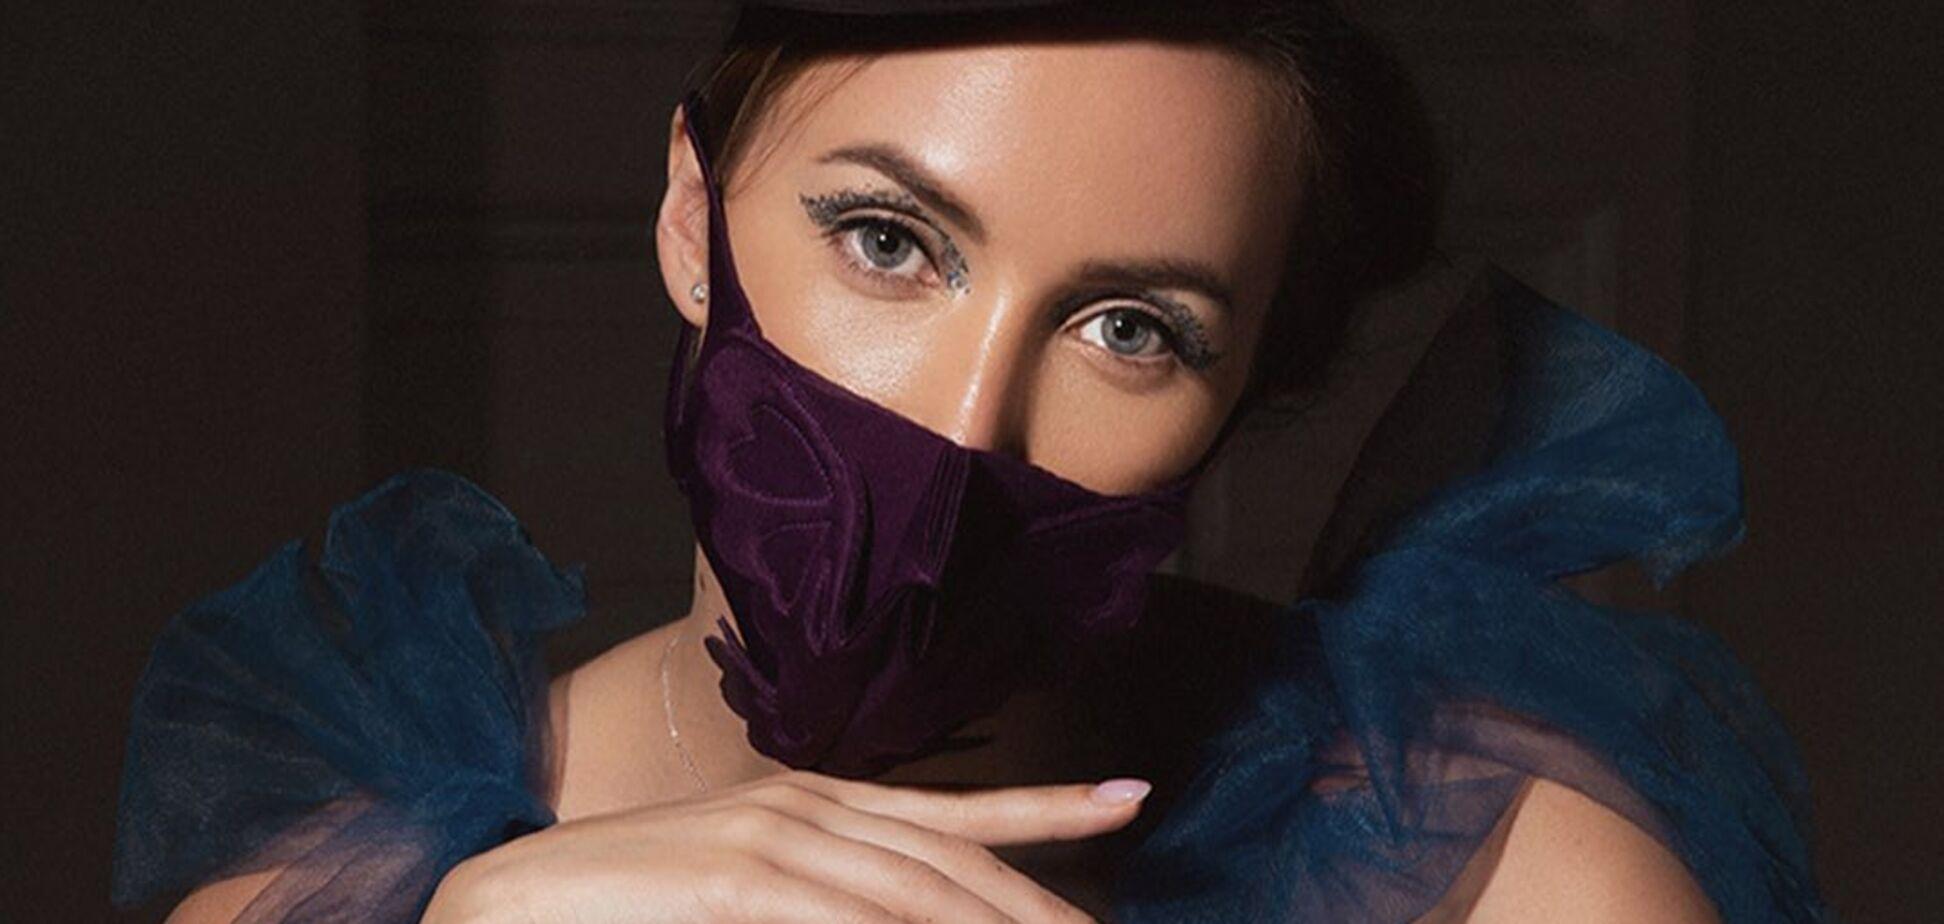 Ризатдинова в платье с вырезом снялась в первой фотосессии после карантина